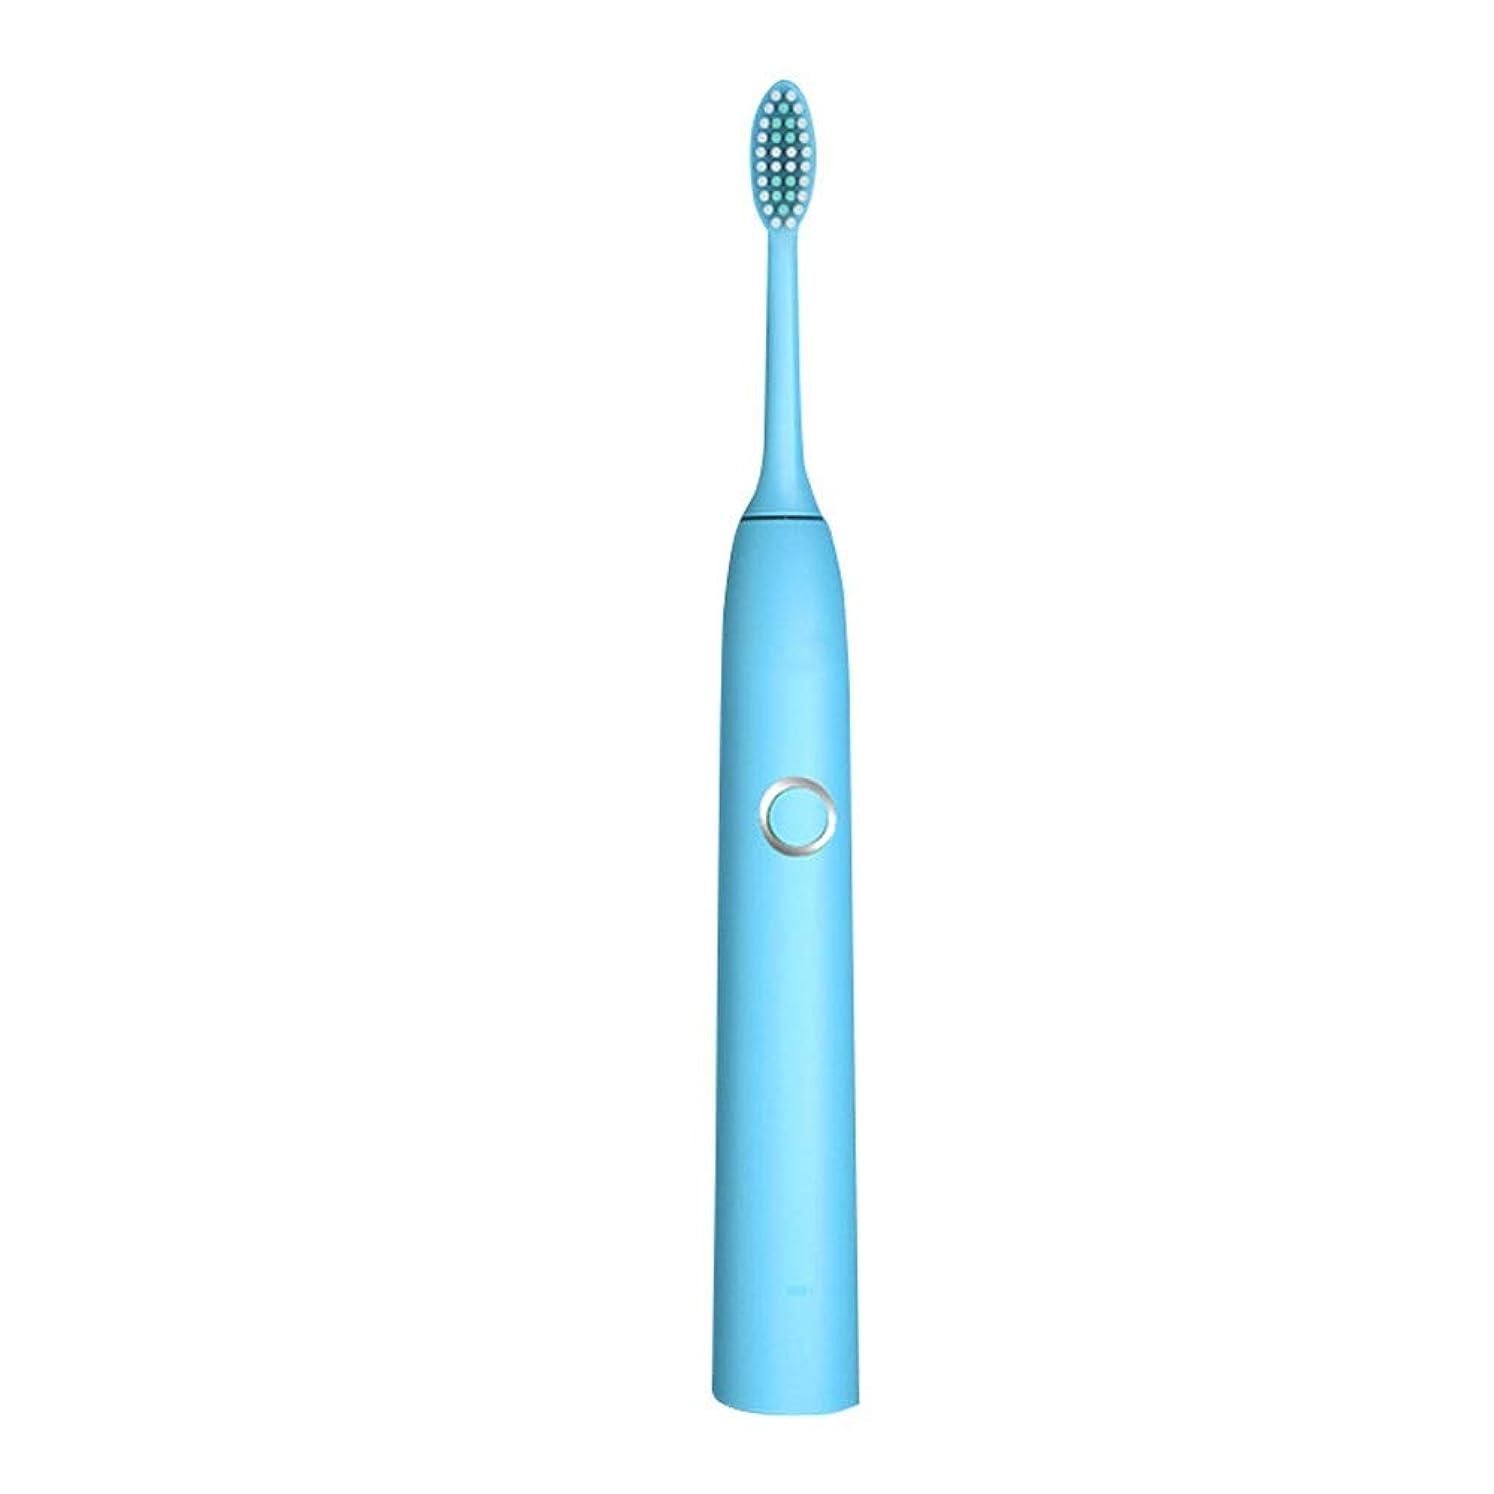 カレッジレンダリング数学的な自動歯ブラシ 電動歯ブラシ大人を白くする保護きれいなUSBの再充電可能 (色 : 青, サイズ : Free size)